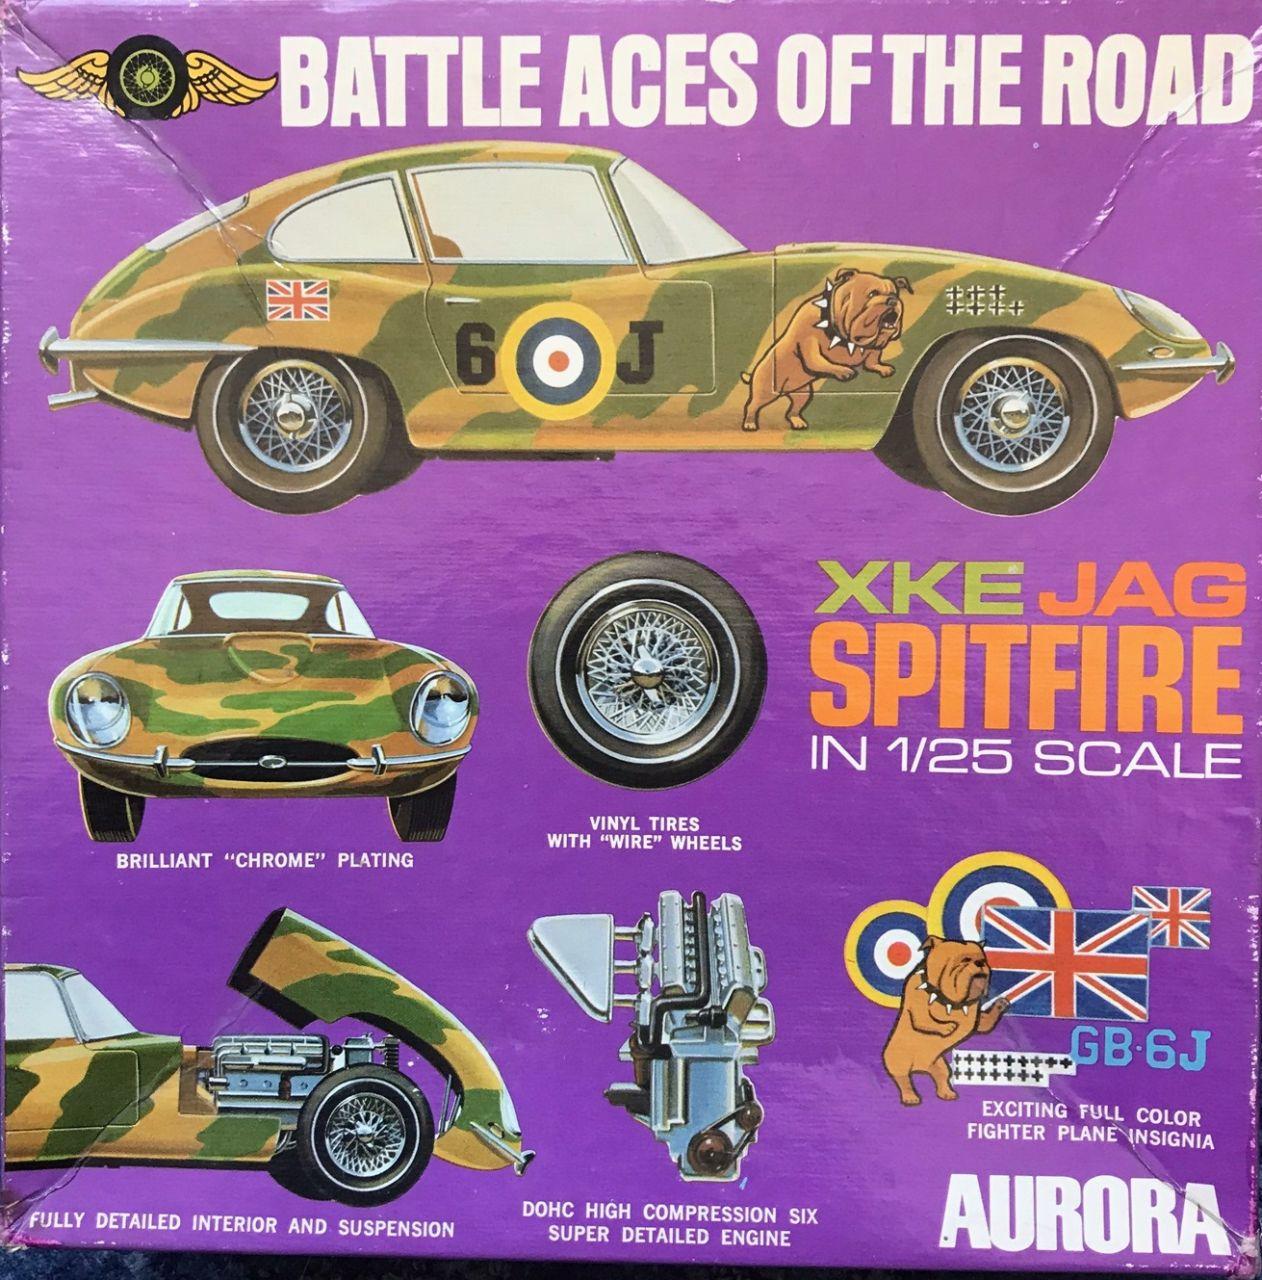 Aurora 577-250 Jaguar XKE JAG Spitfire